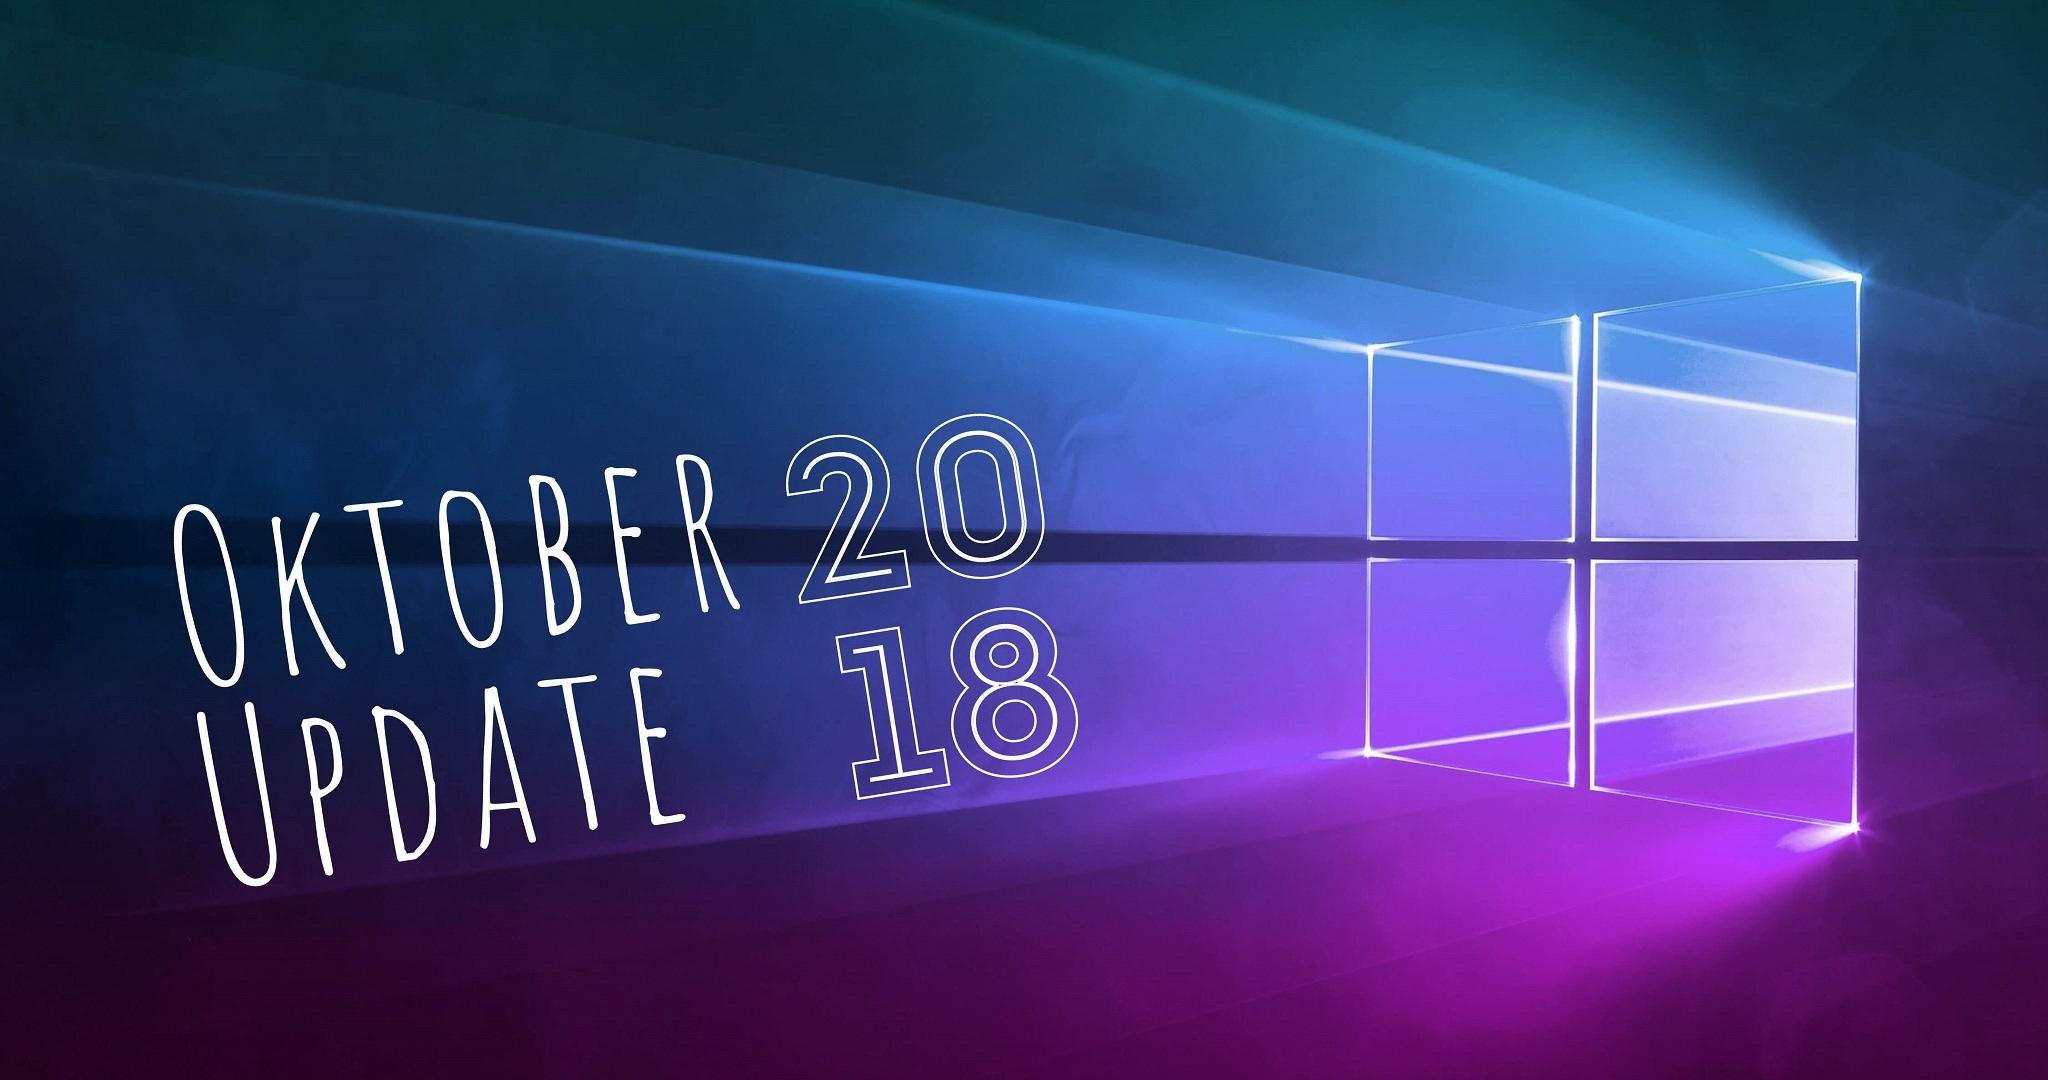 Nach windows 10 update hintergrund schwarz